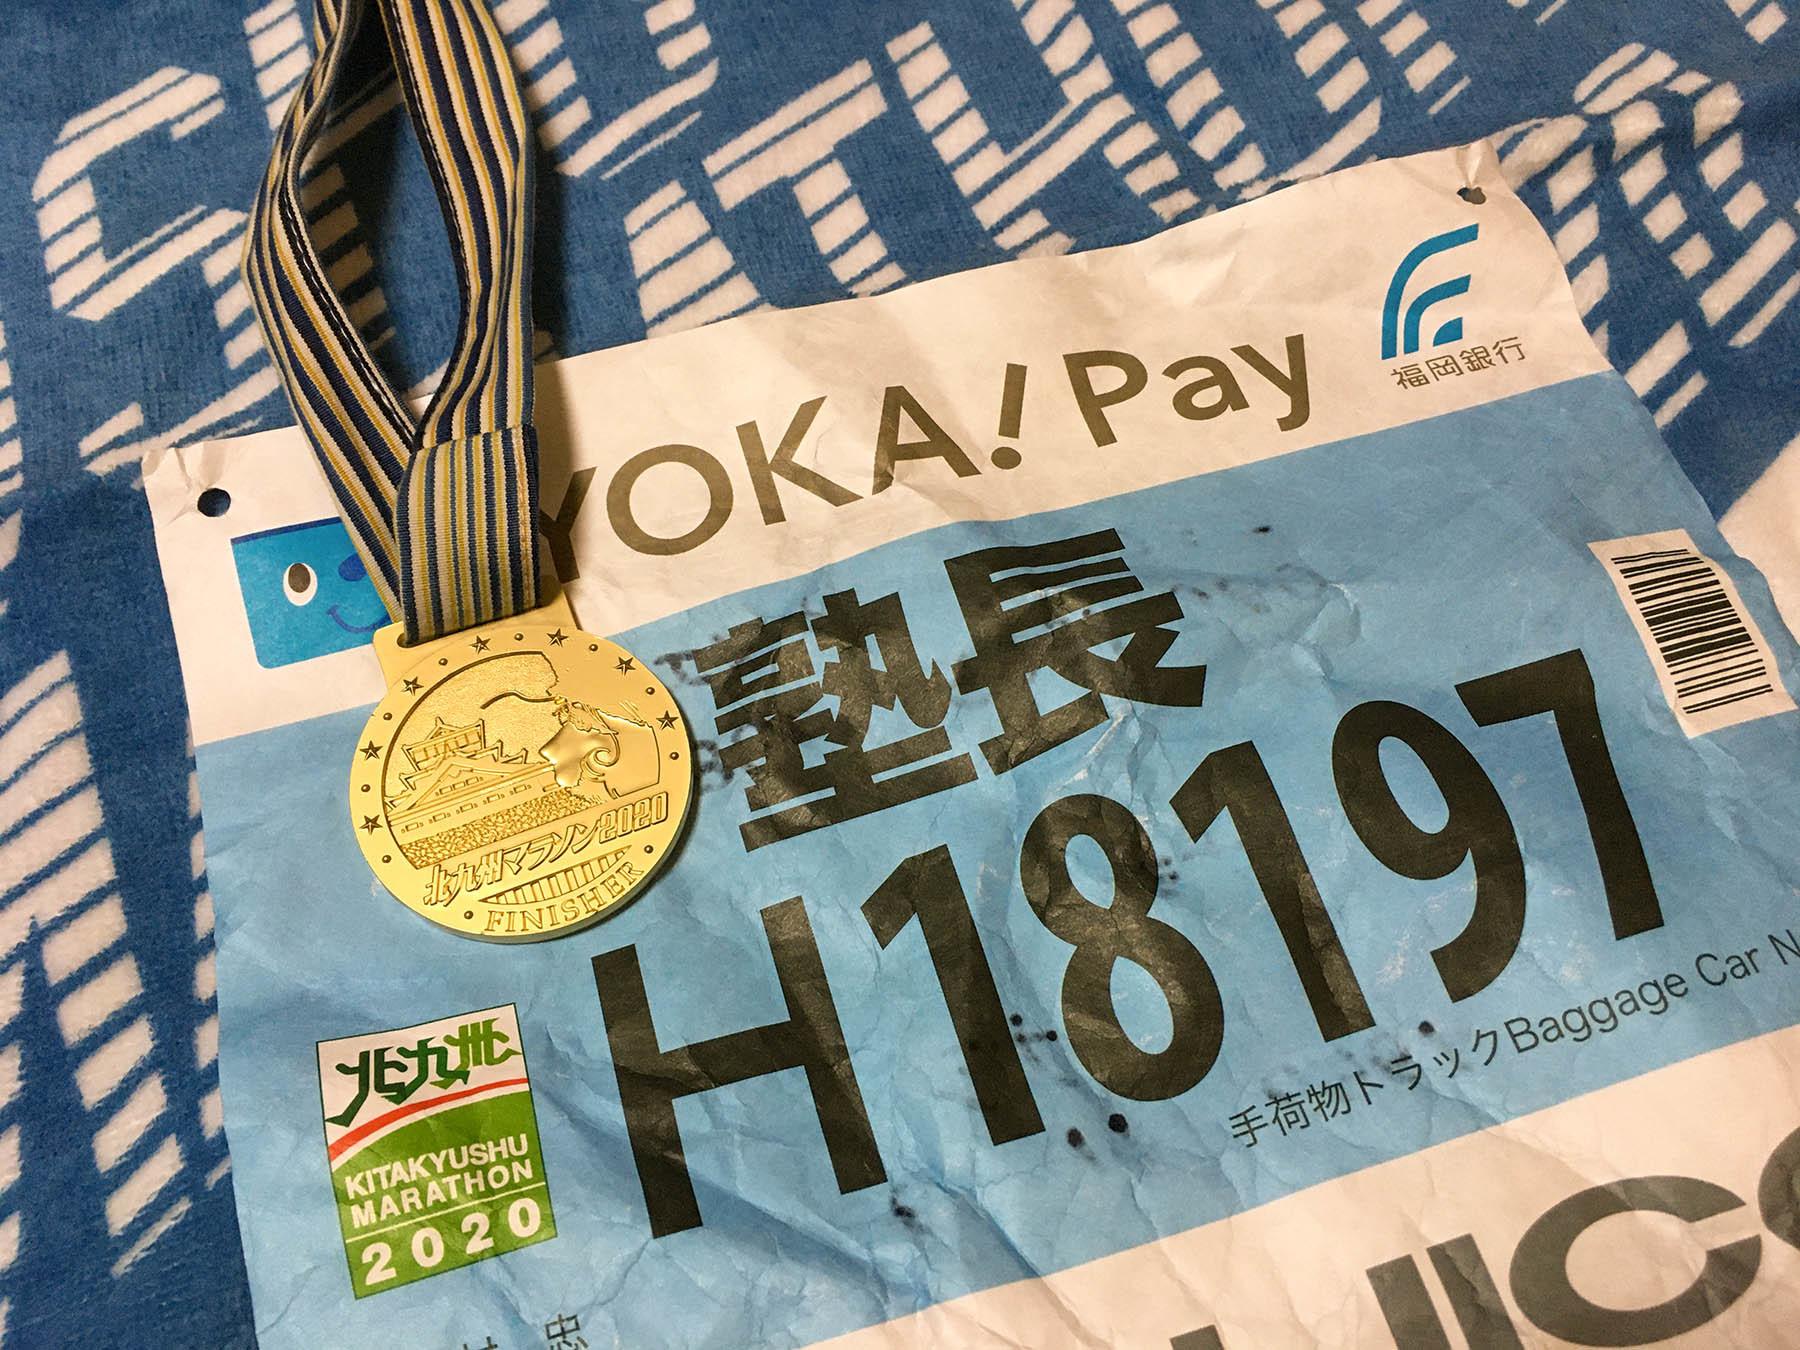 北九州マラソン2020 完走しました_c0028861_18492102.jpg